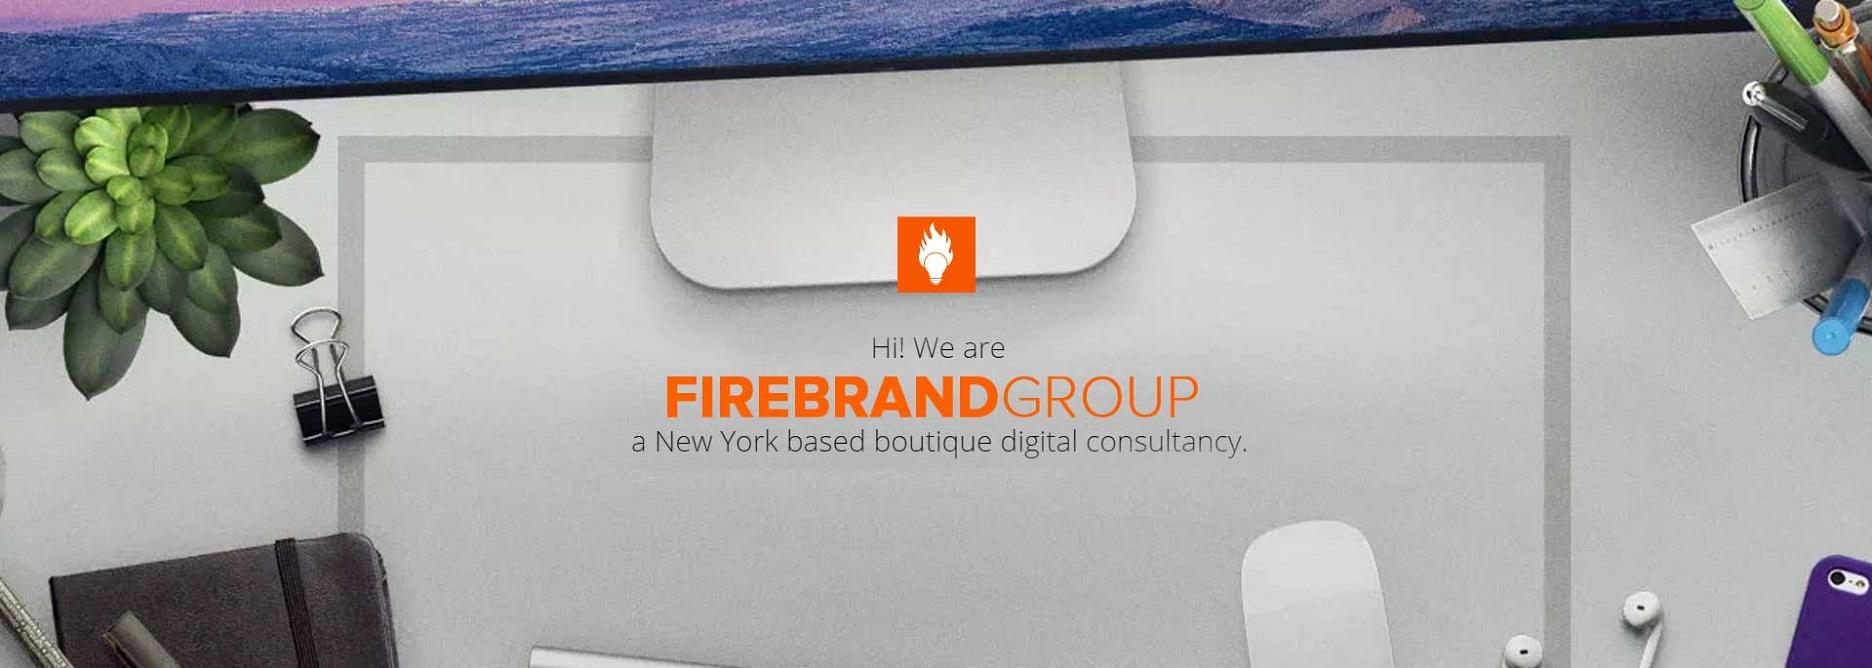 Thông tin tổng quan, khó khăn và kết quả đạt được của dự án Firebrand Group